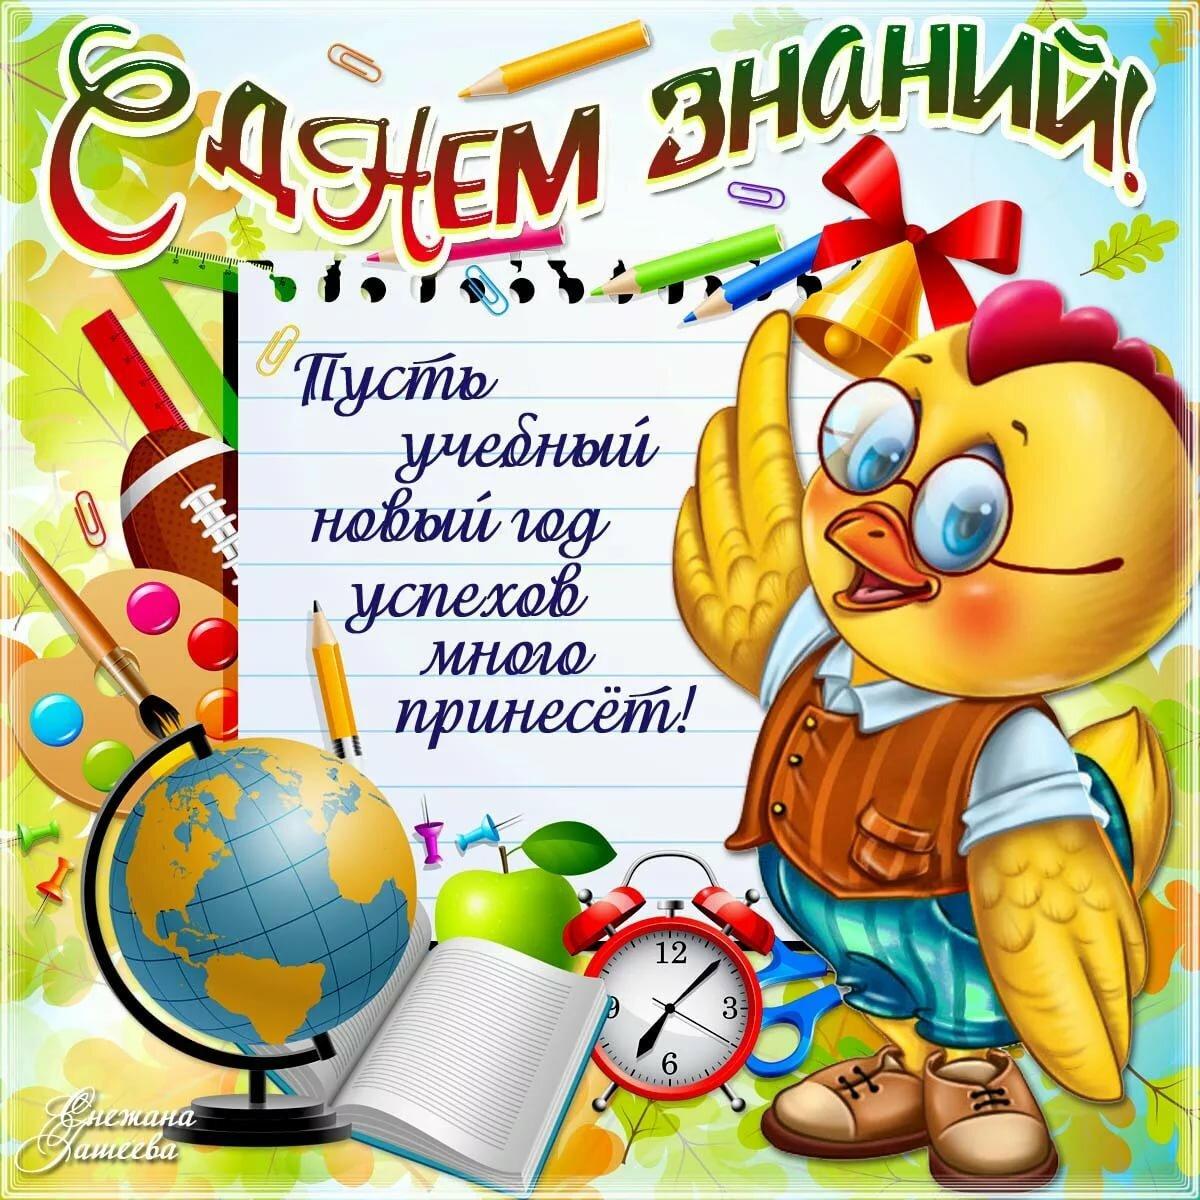 Поздравления к 1 сентября учителям открытки, мужчины днем